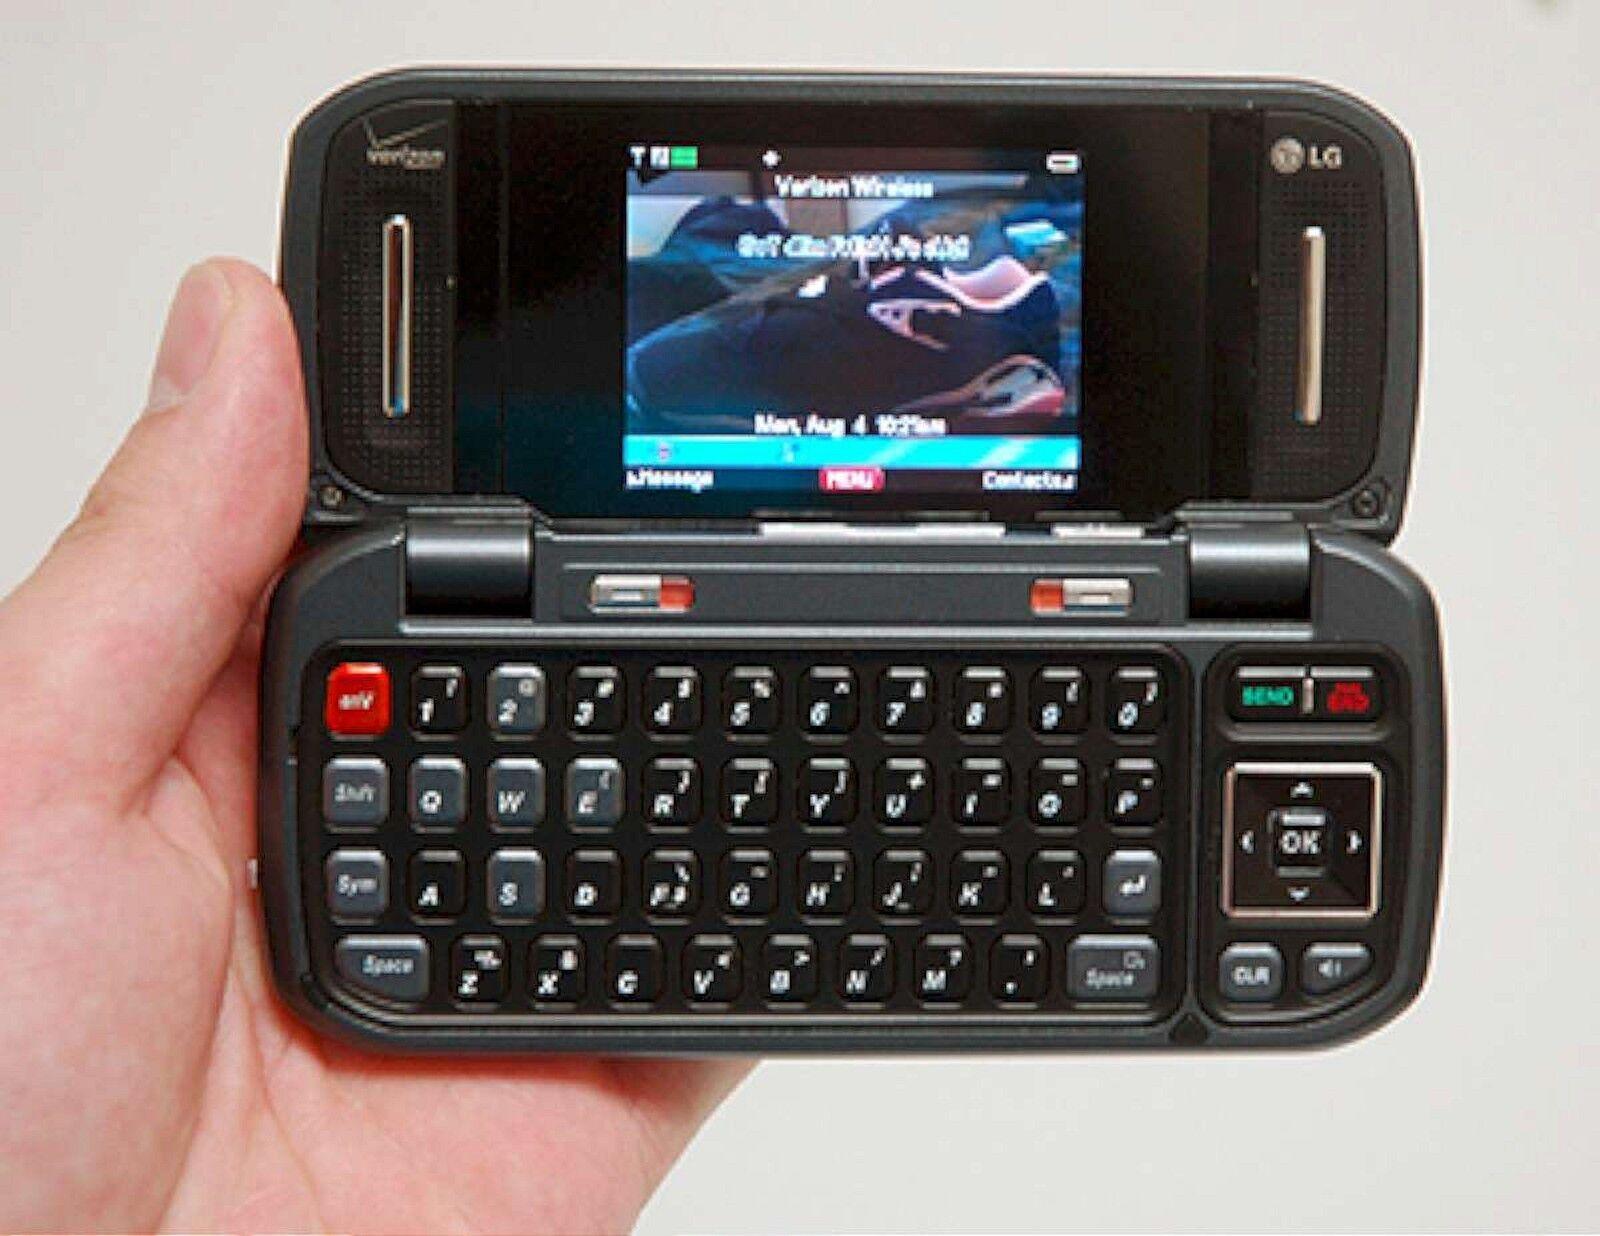 lg env vx9900 verizon wireless cell phone vx 9900 silver keyboard rh ebay com LG enV2 Phone LG enV2 Phone